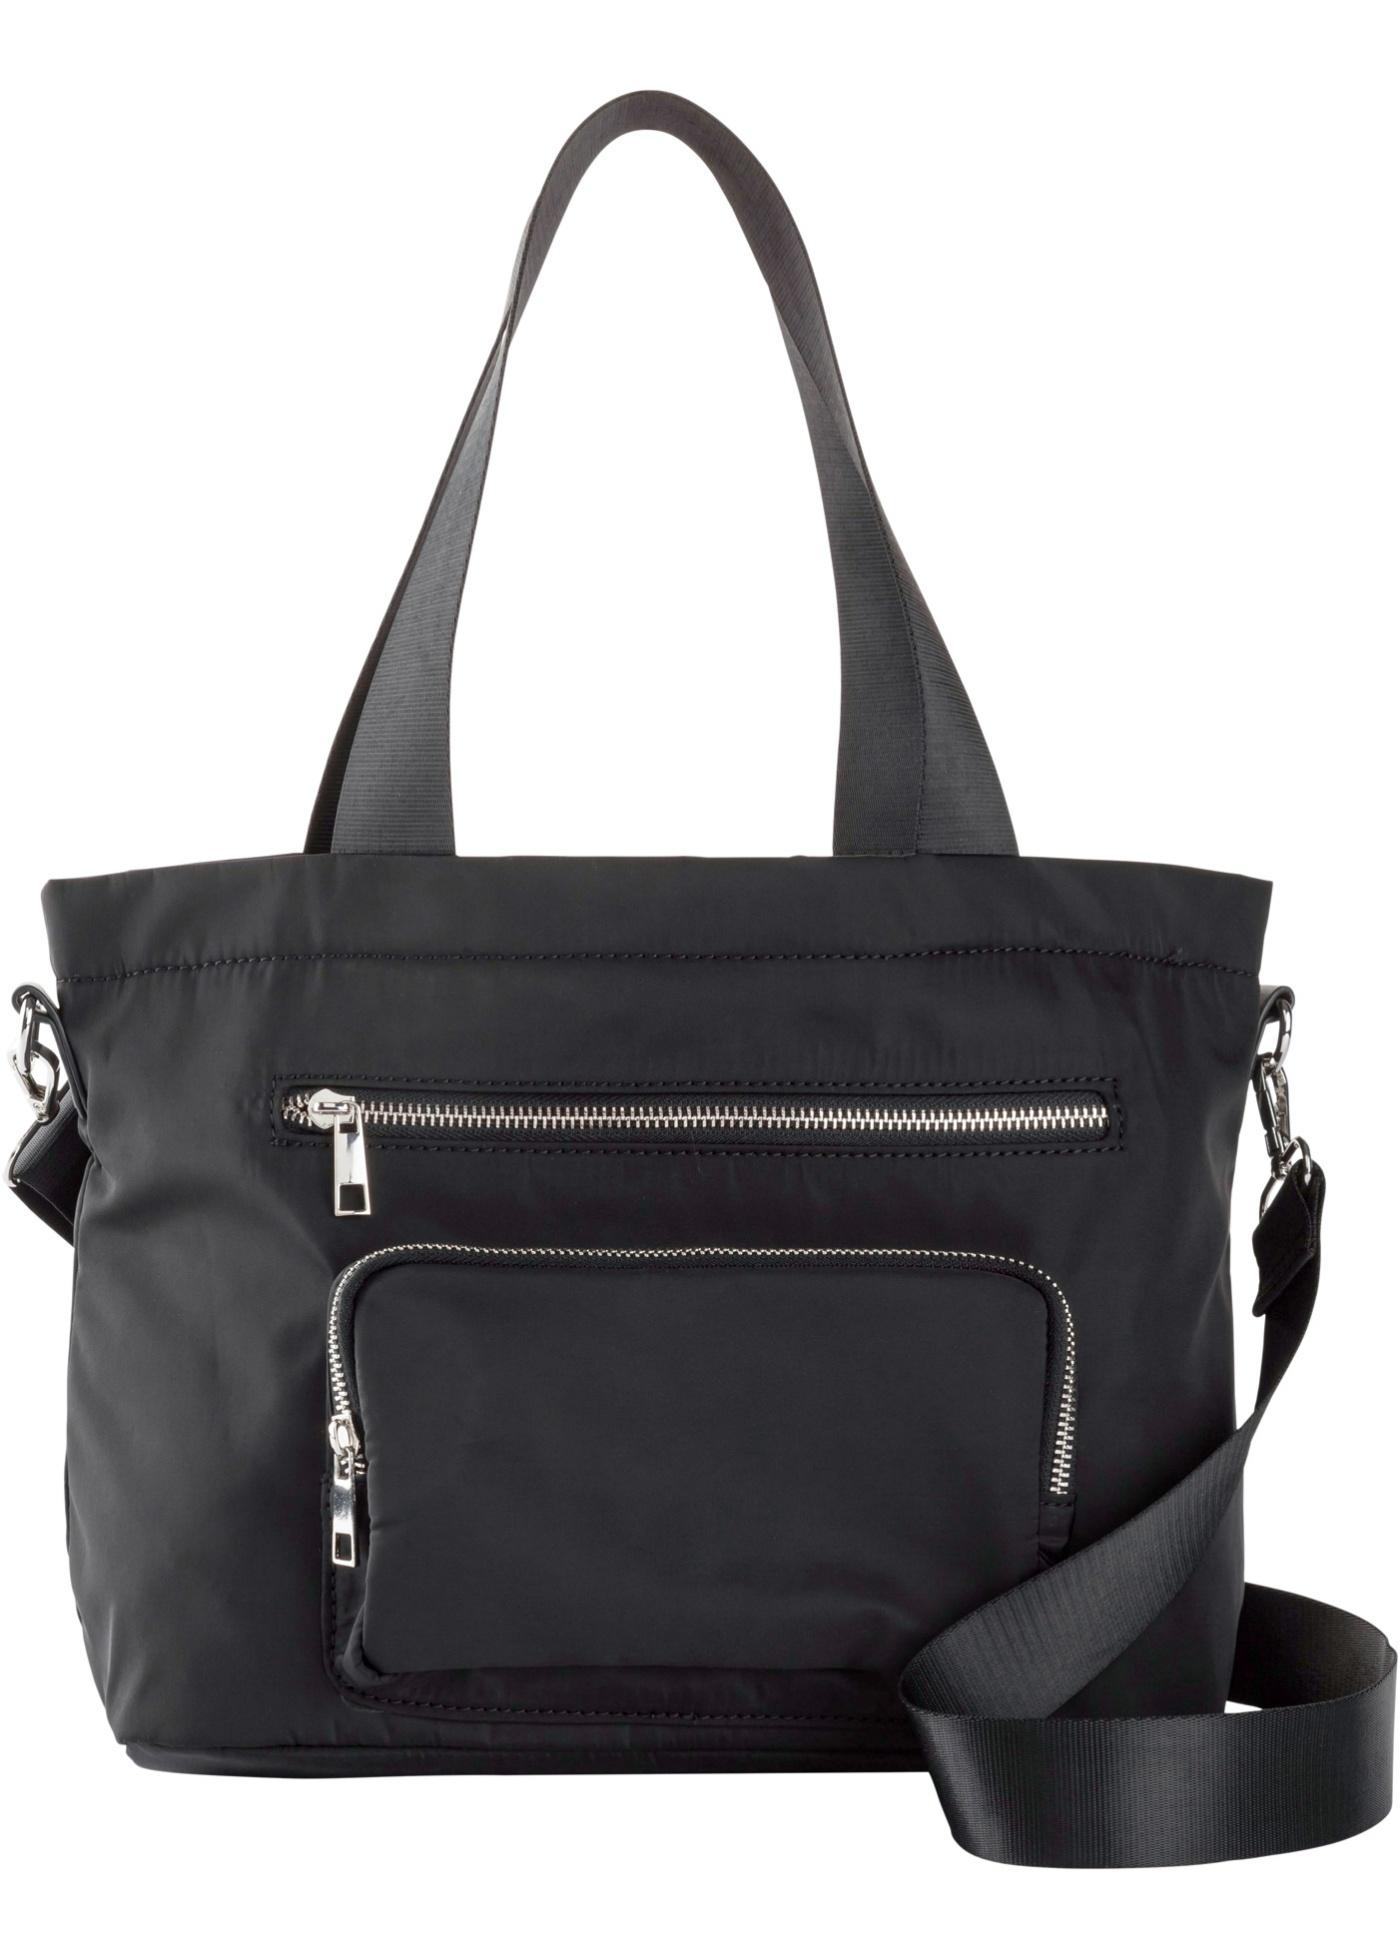 Velká kabelka - Černá